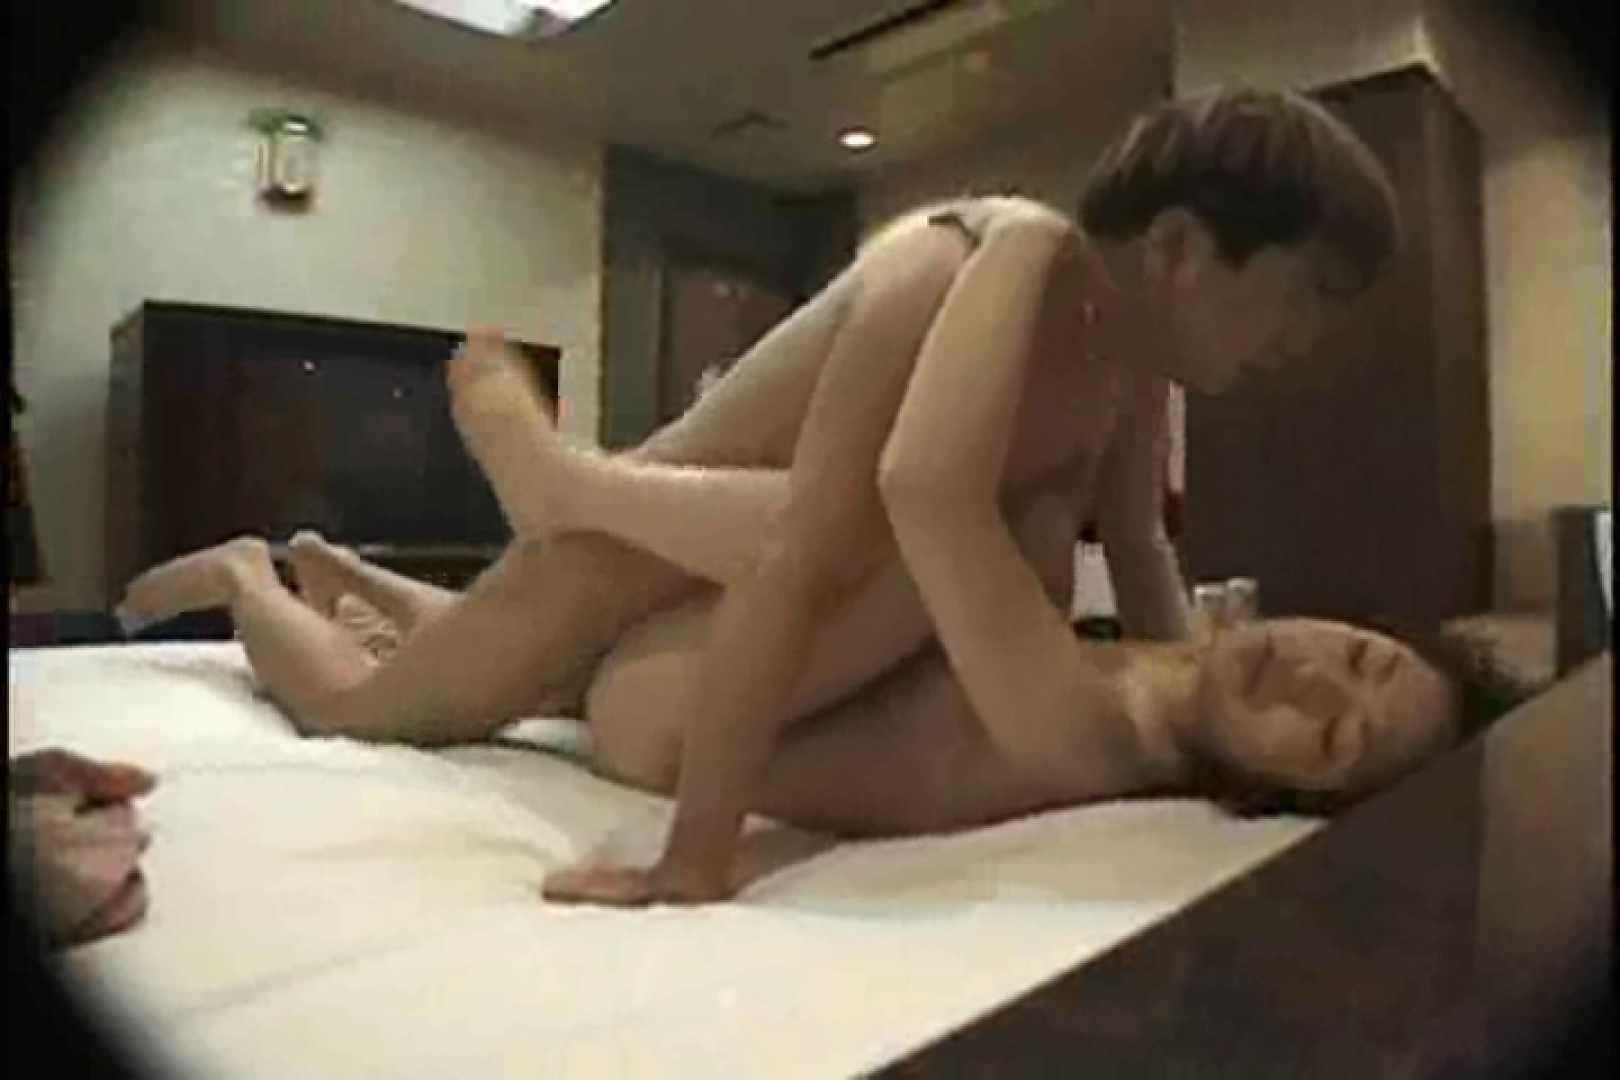 素人嬢126人のハメ撮り 吉川晴海 ナンパ 女性器鑑賞 69pic 8